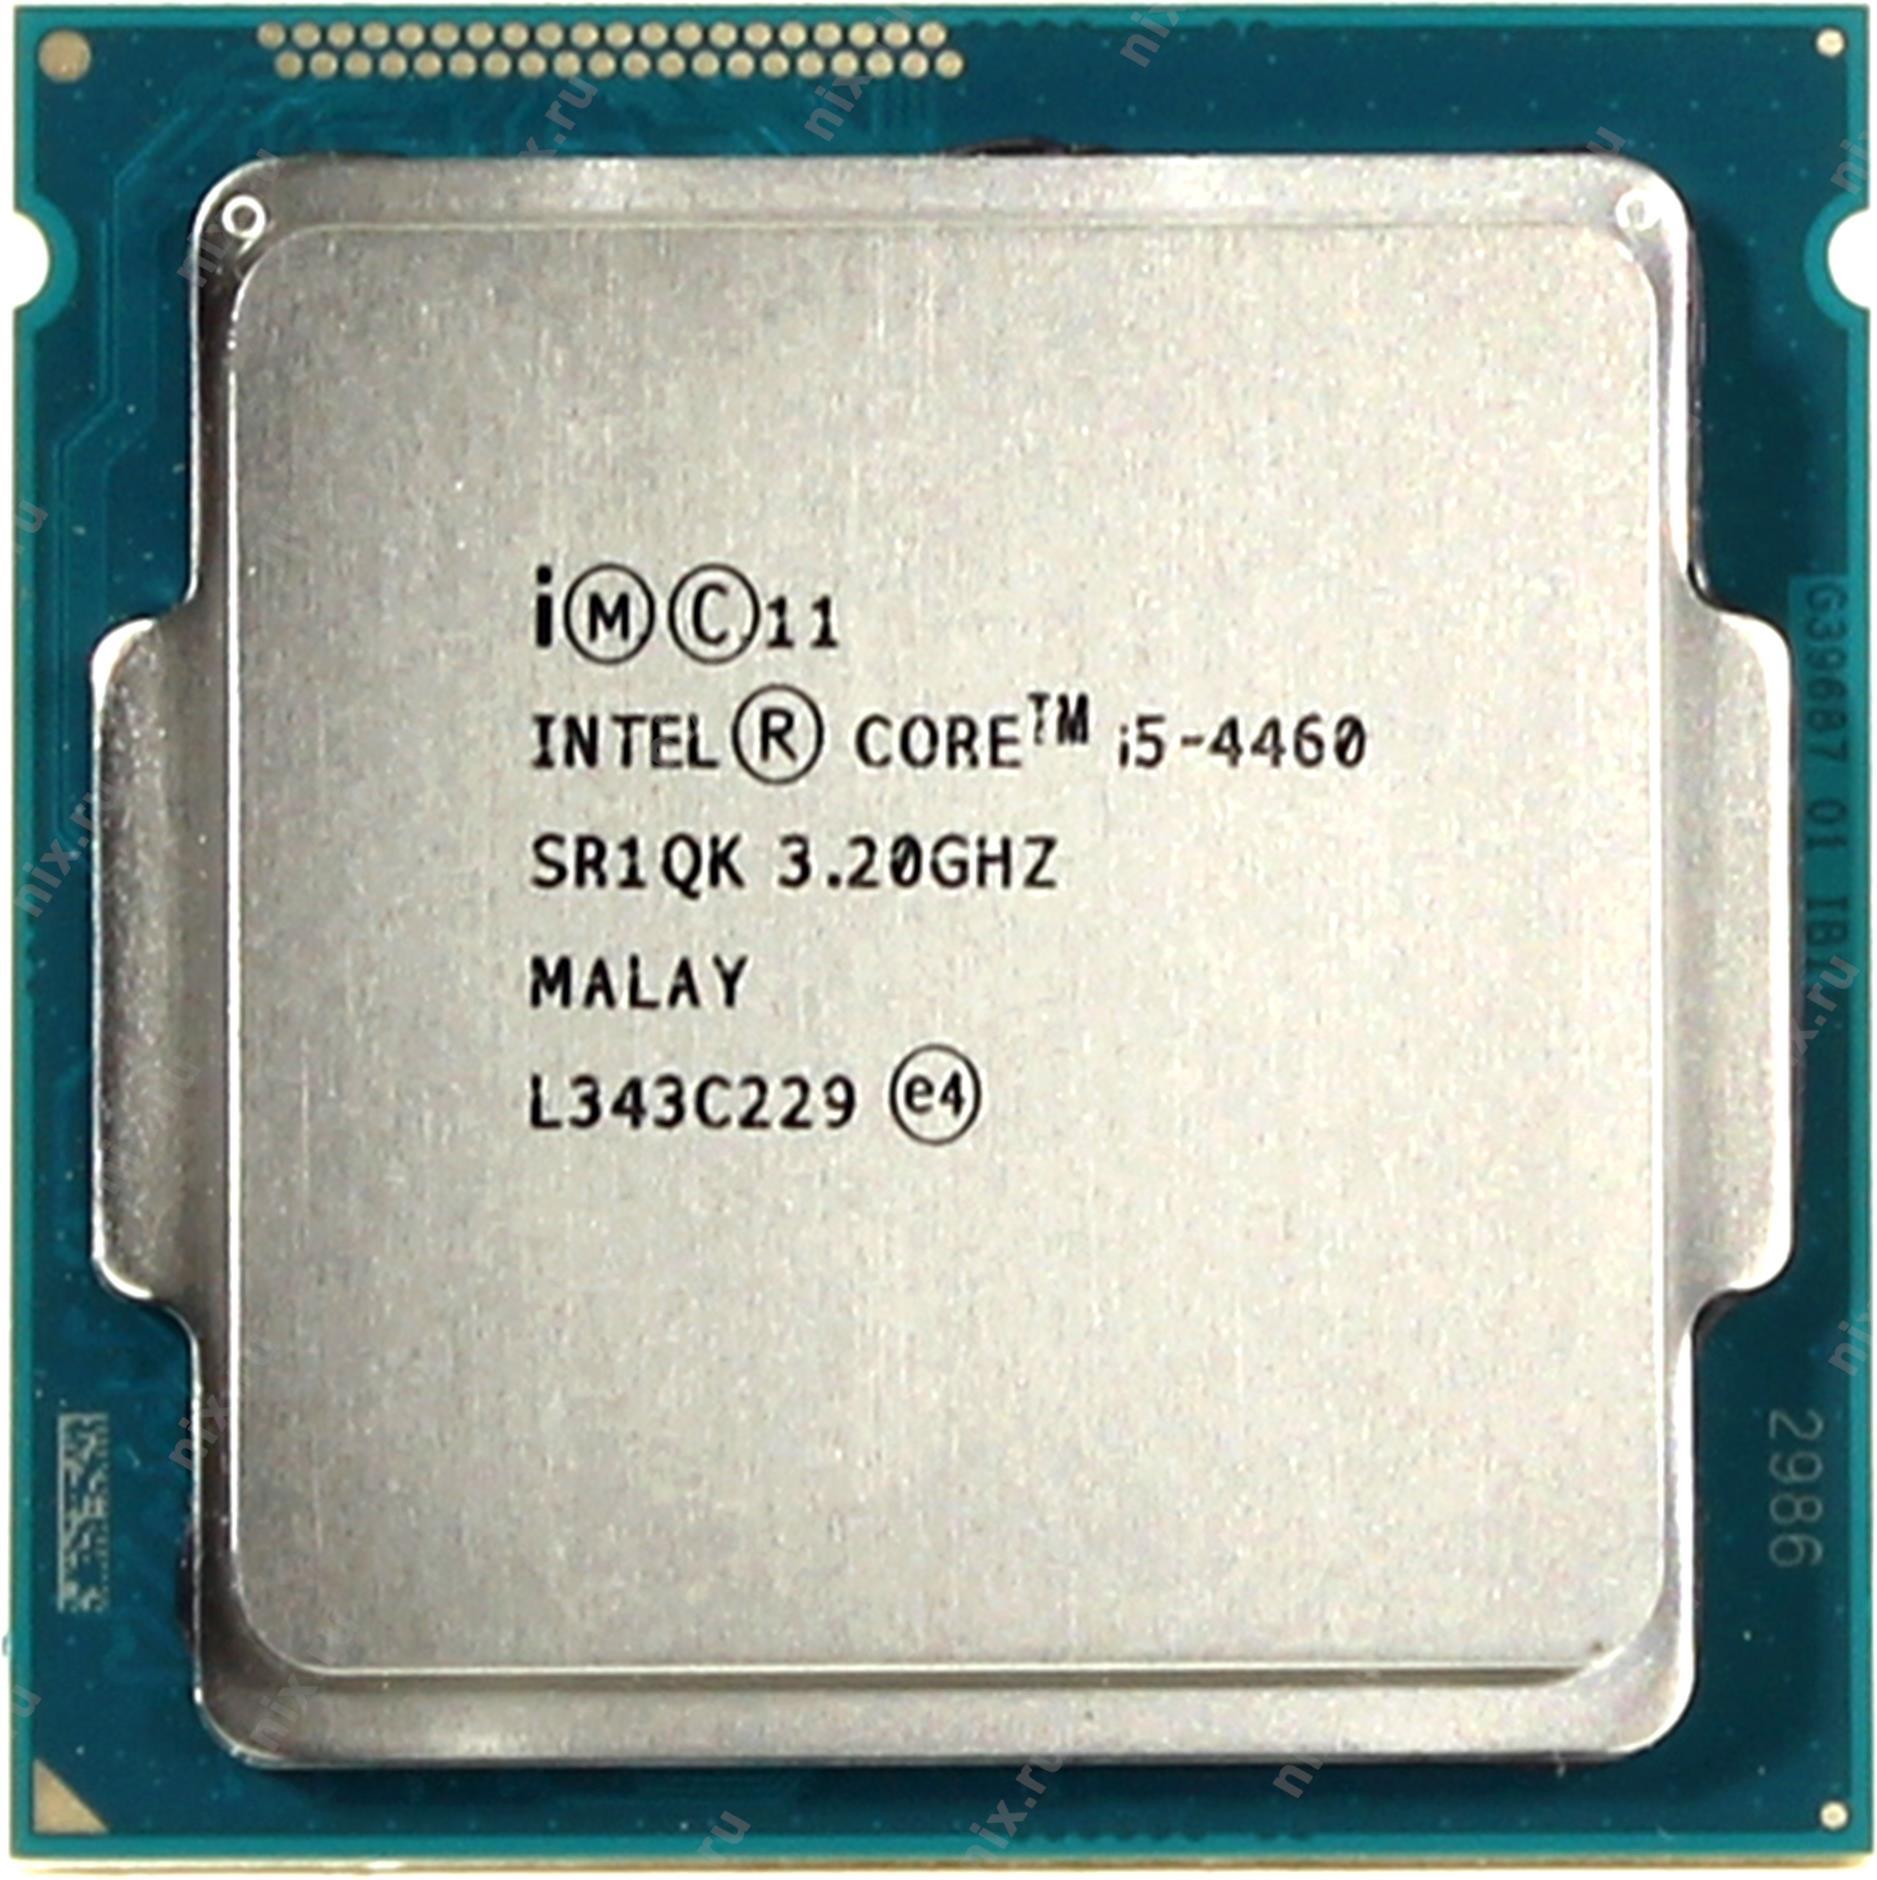 Intel Core i5-4460 (3.2GHz/6M Cache/ SK 1150)